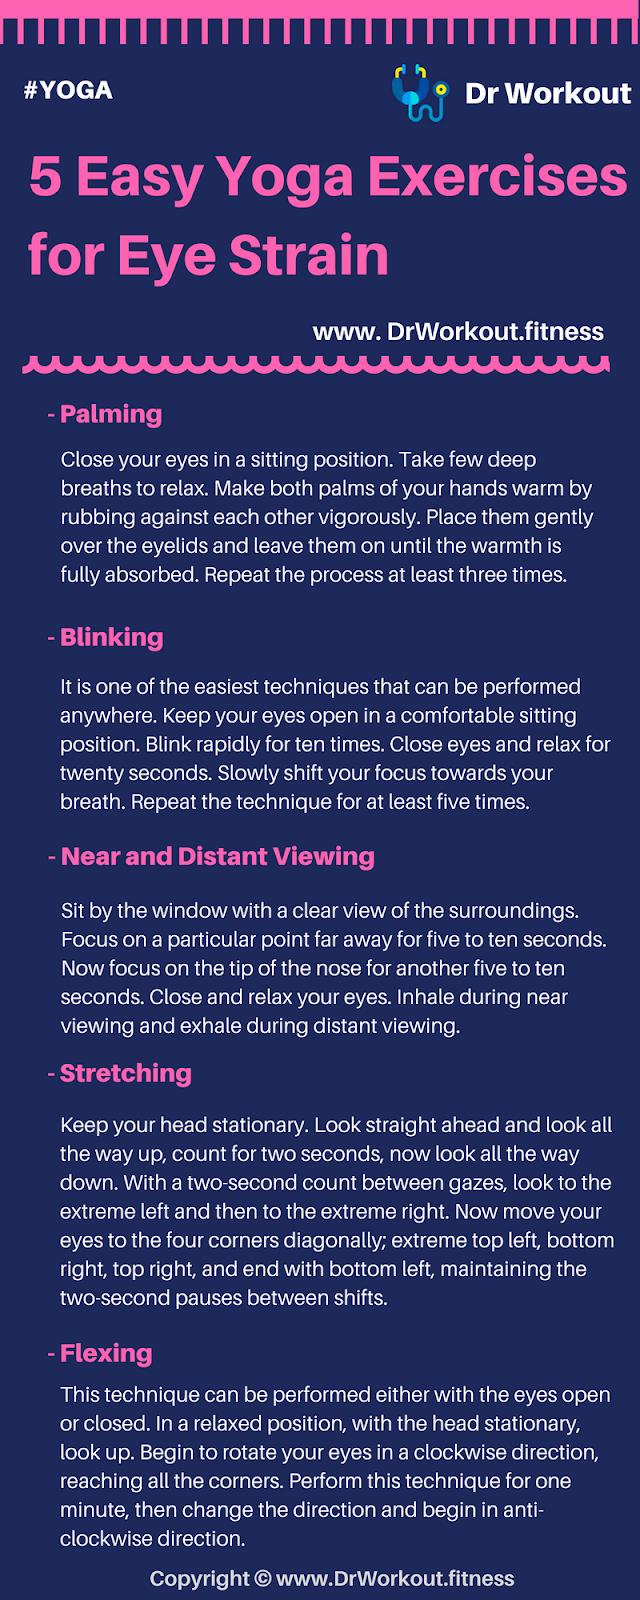 Yoga Exercises for Eye Strain